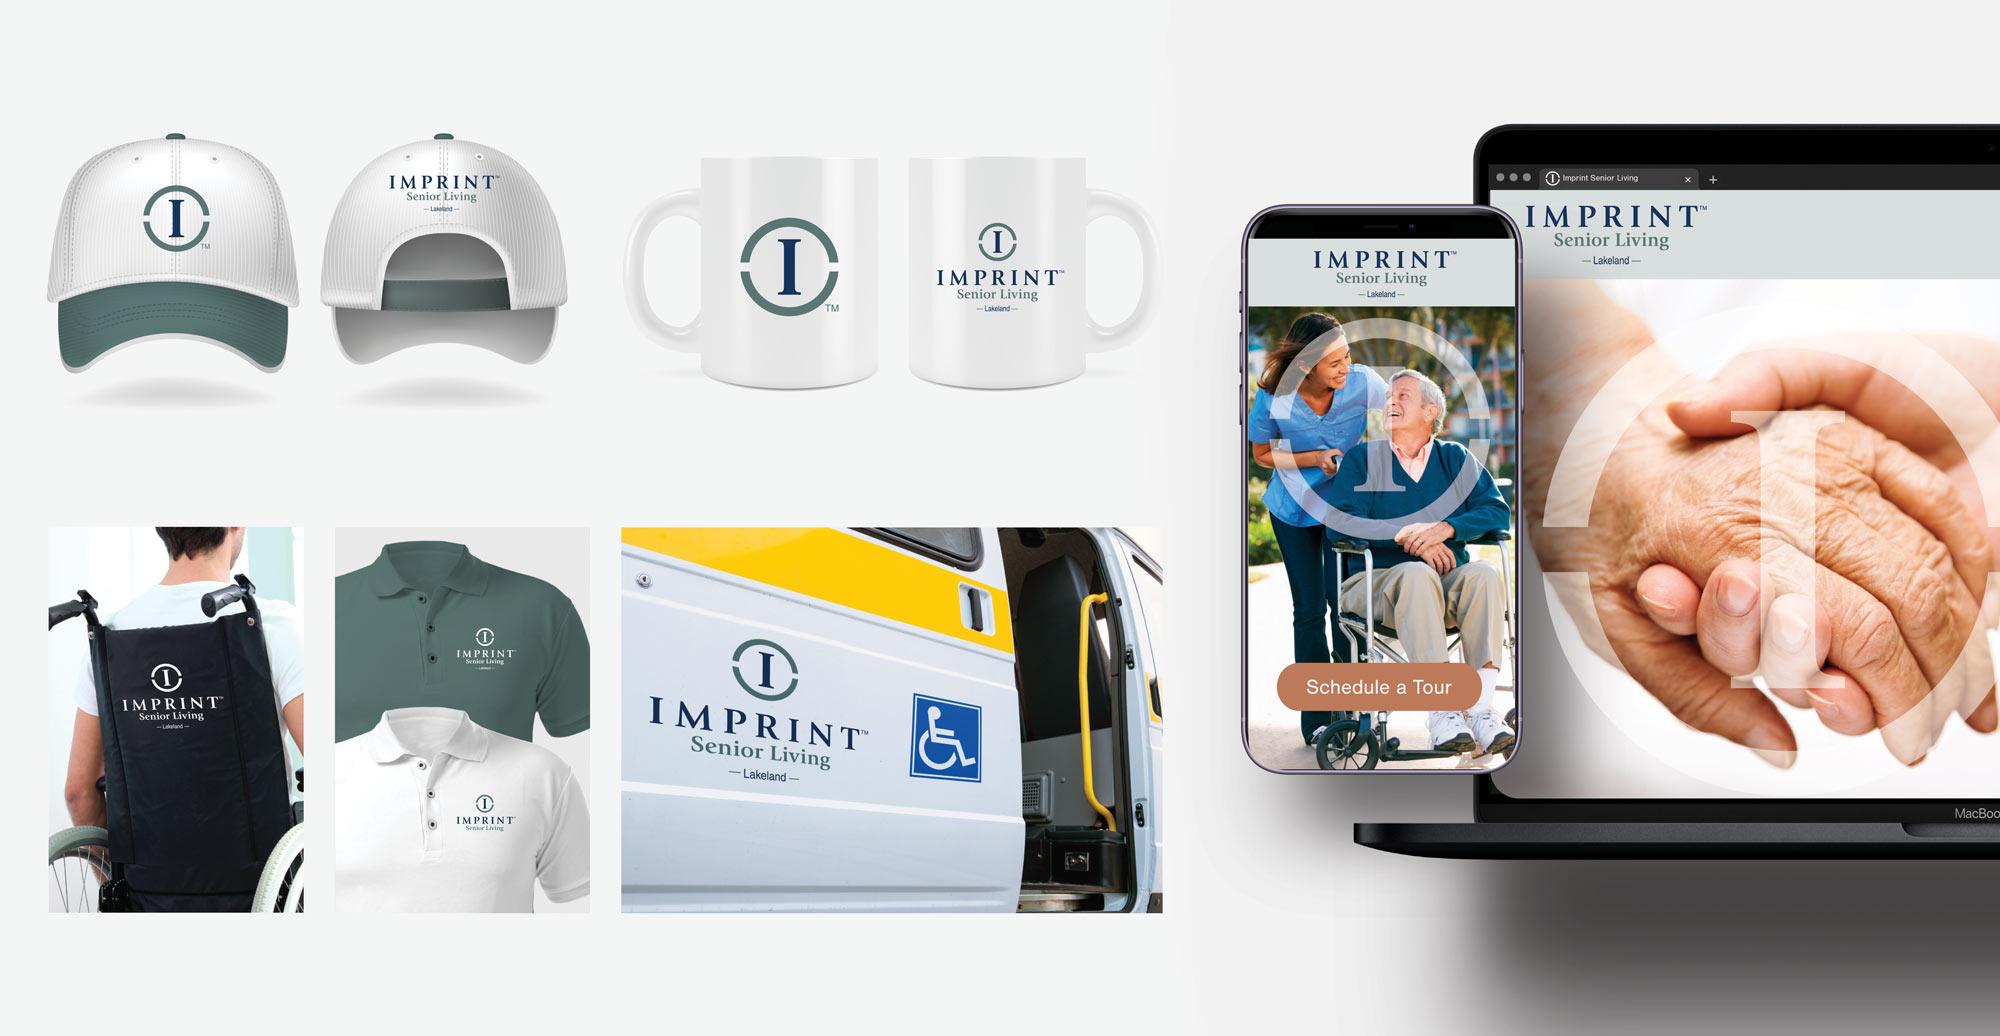 Brands-CaseStudies-Imprint-Senior-Living-Style-Guide